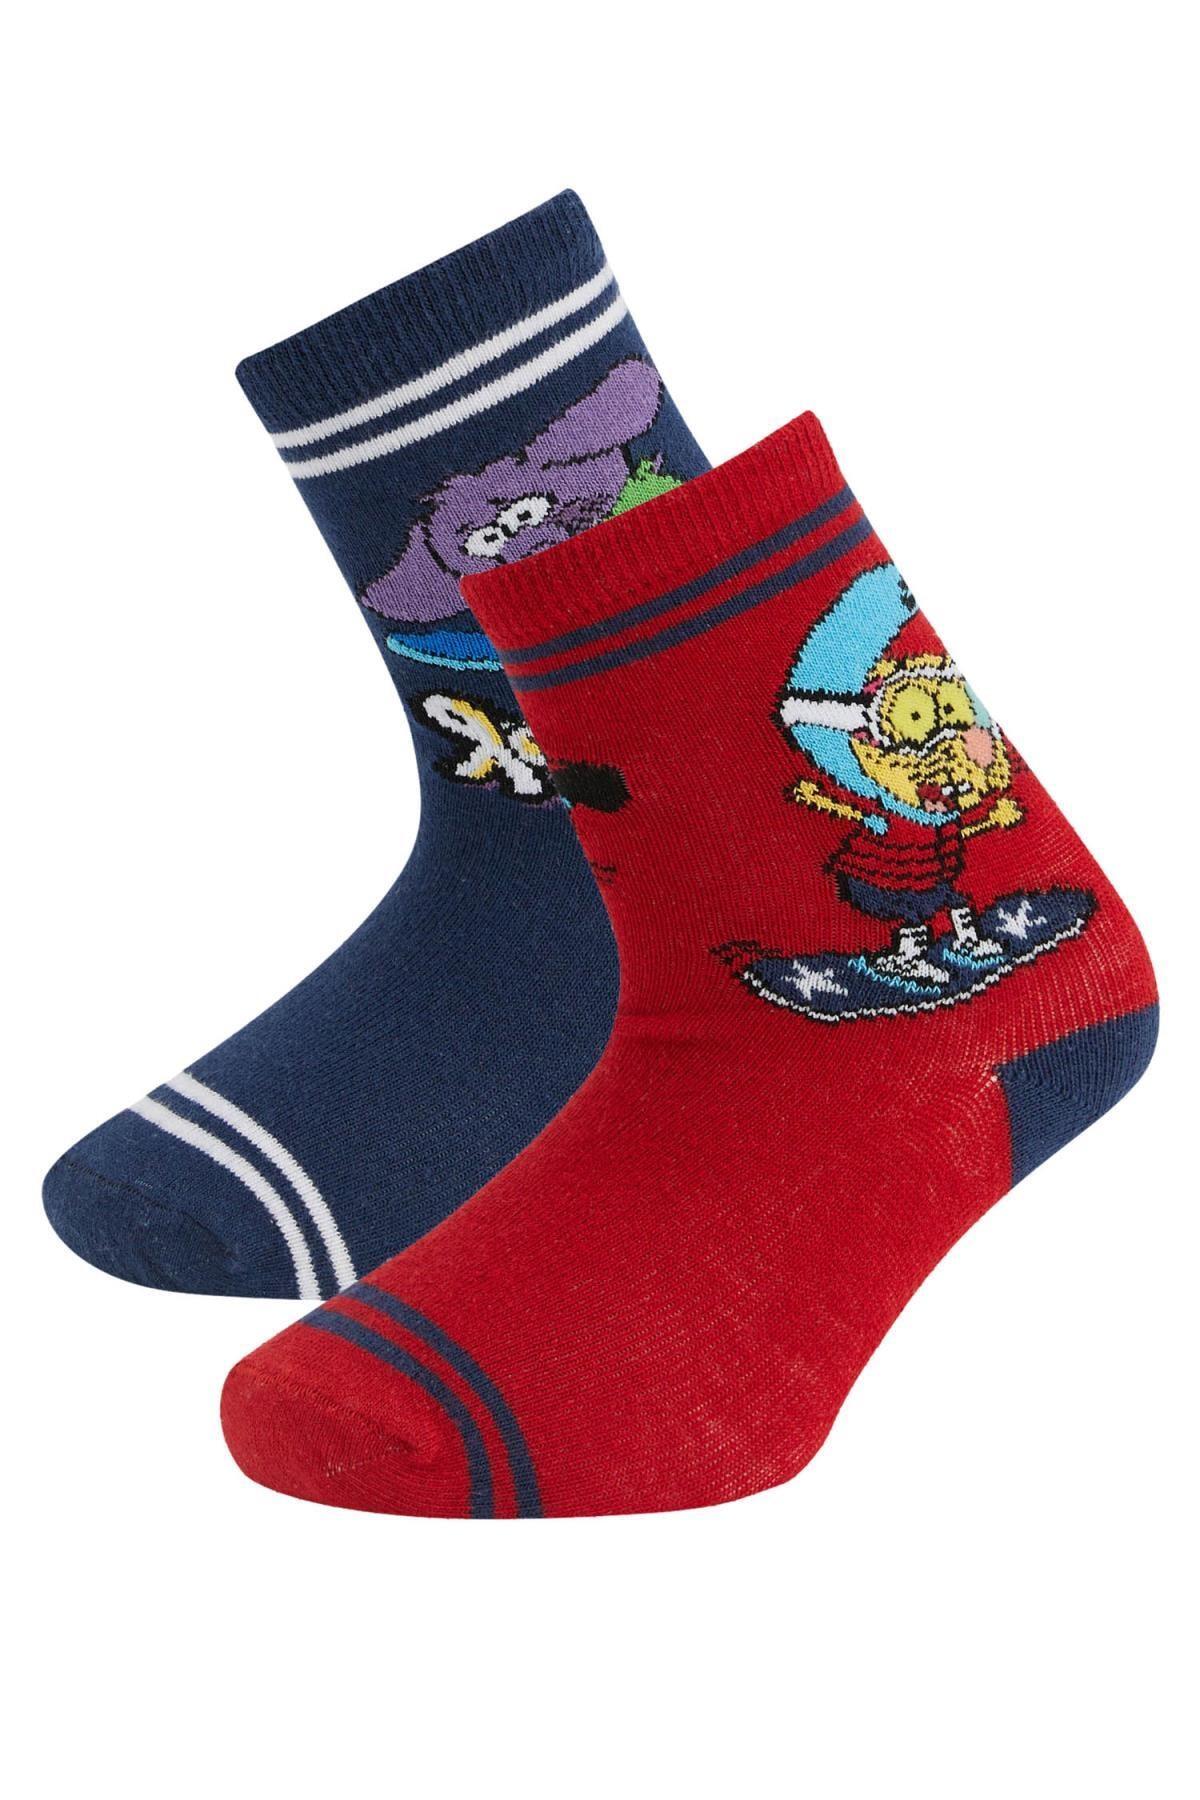 DeFacto Erkek Çocuk Kral Şakir Lisanslı 2'li Soket Çorap